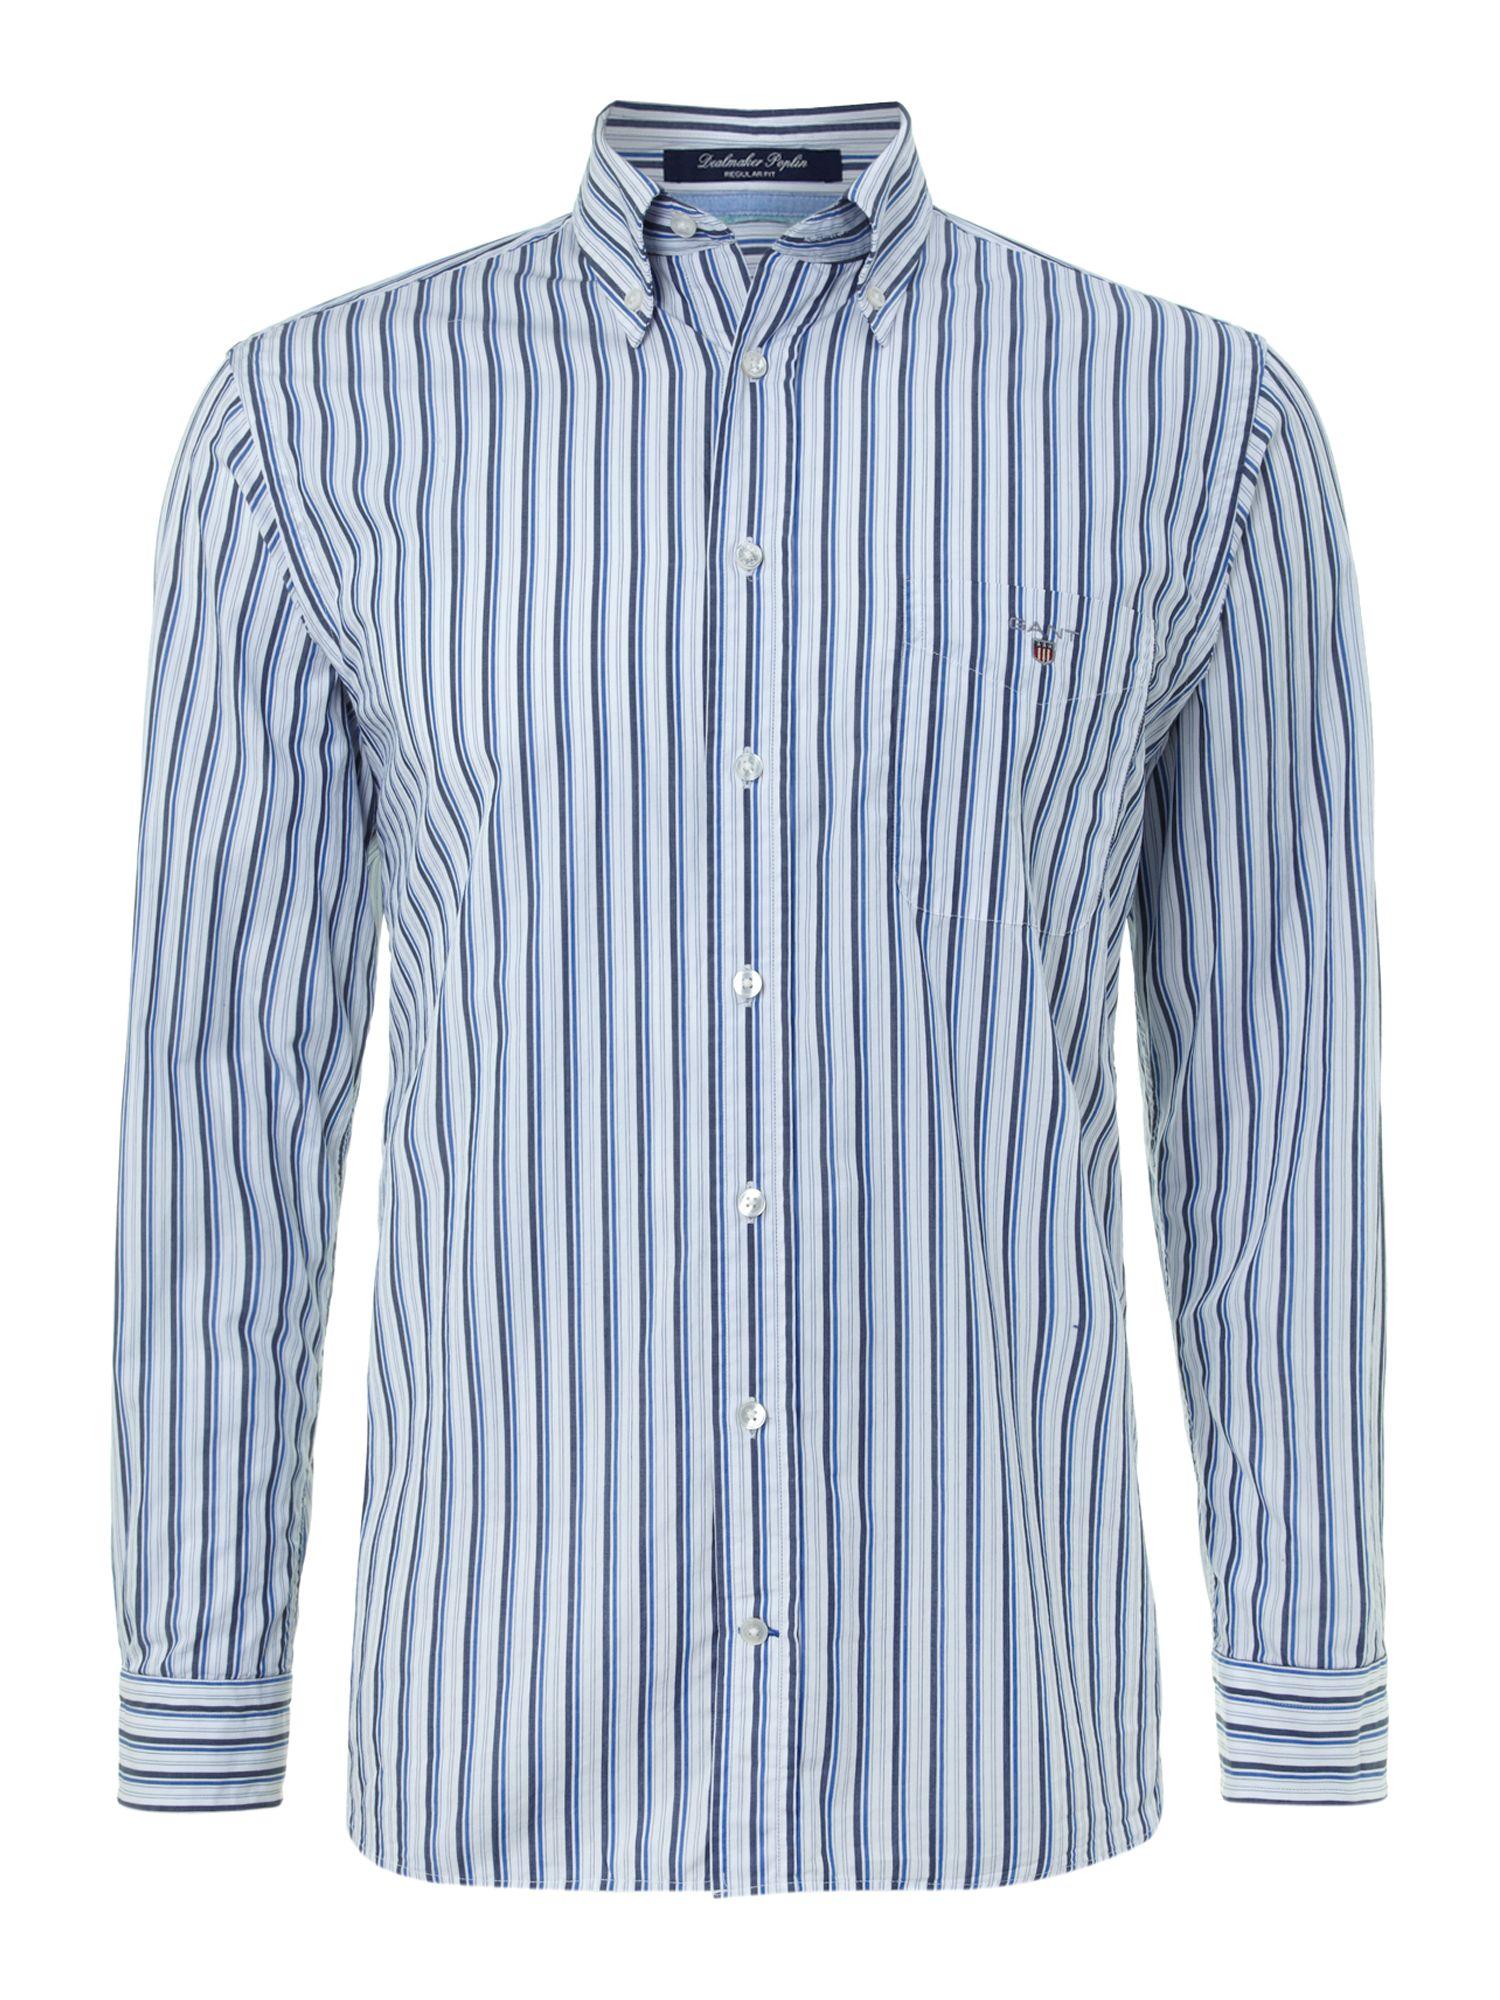 Gant Long Sleeved Striped Shirt In Blue For Men Light